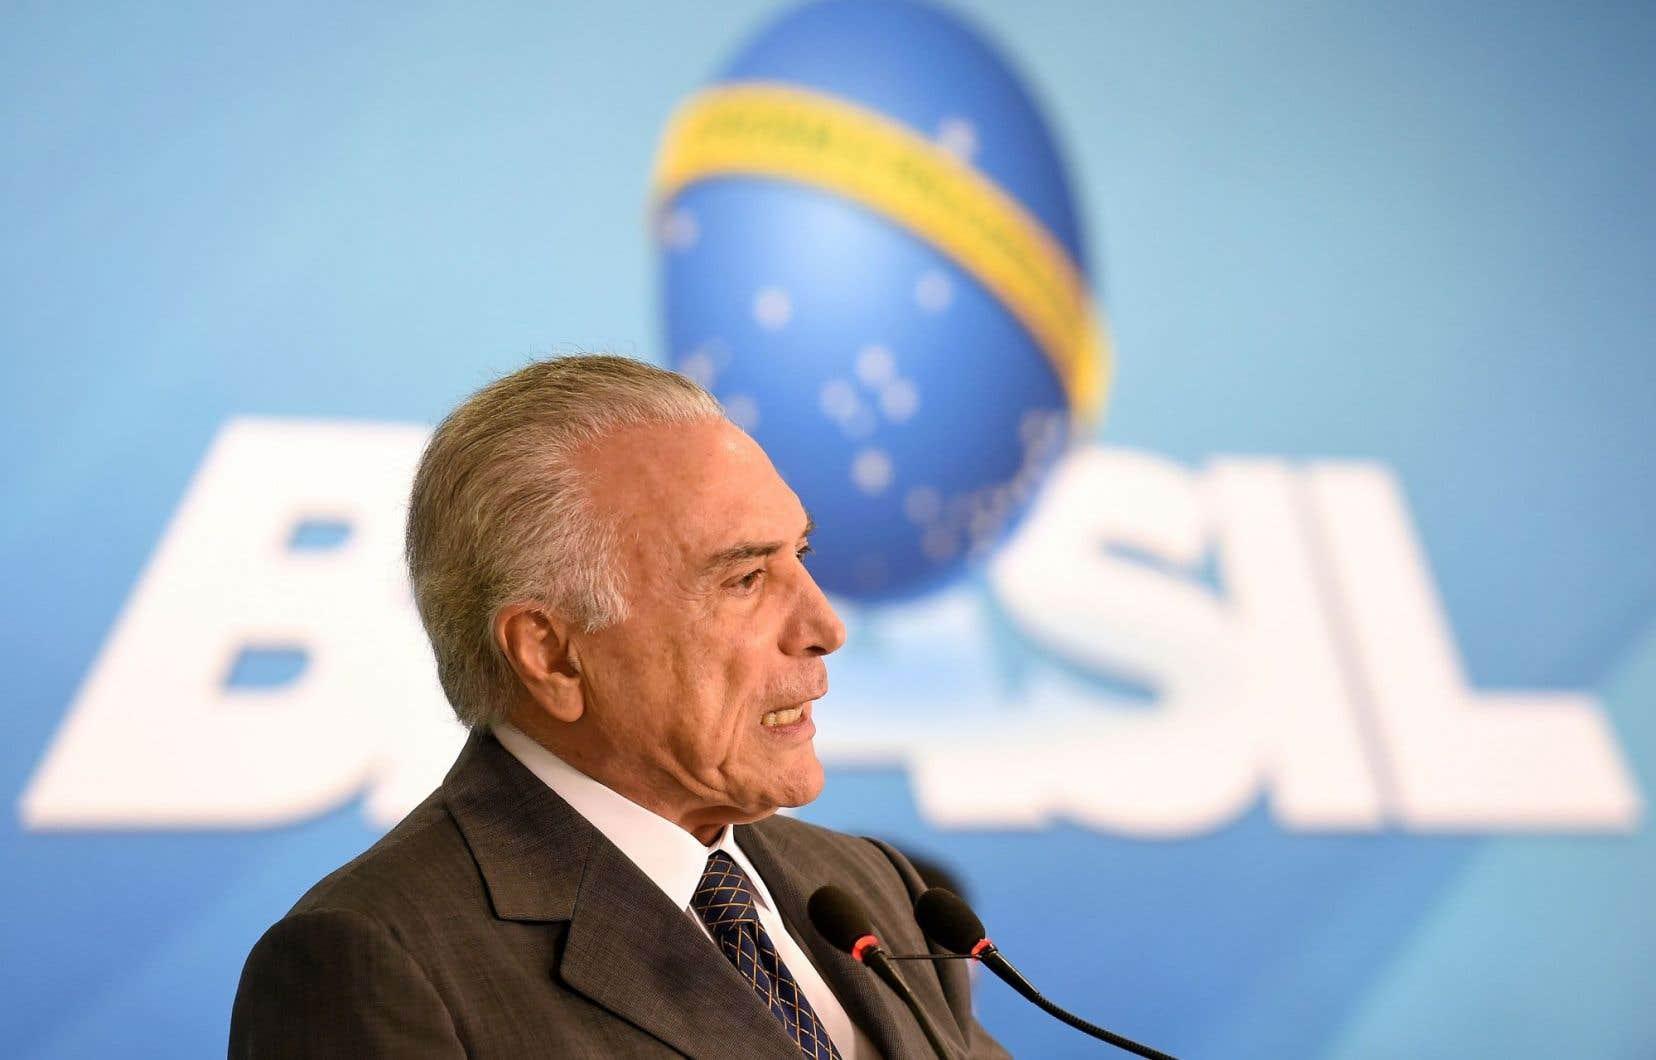 Environ la moitié des Brésiliens juge le gouvernement du président Michel Temer «mauvais ou très mauvais».